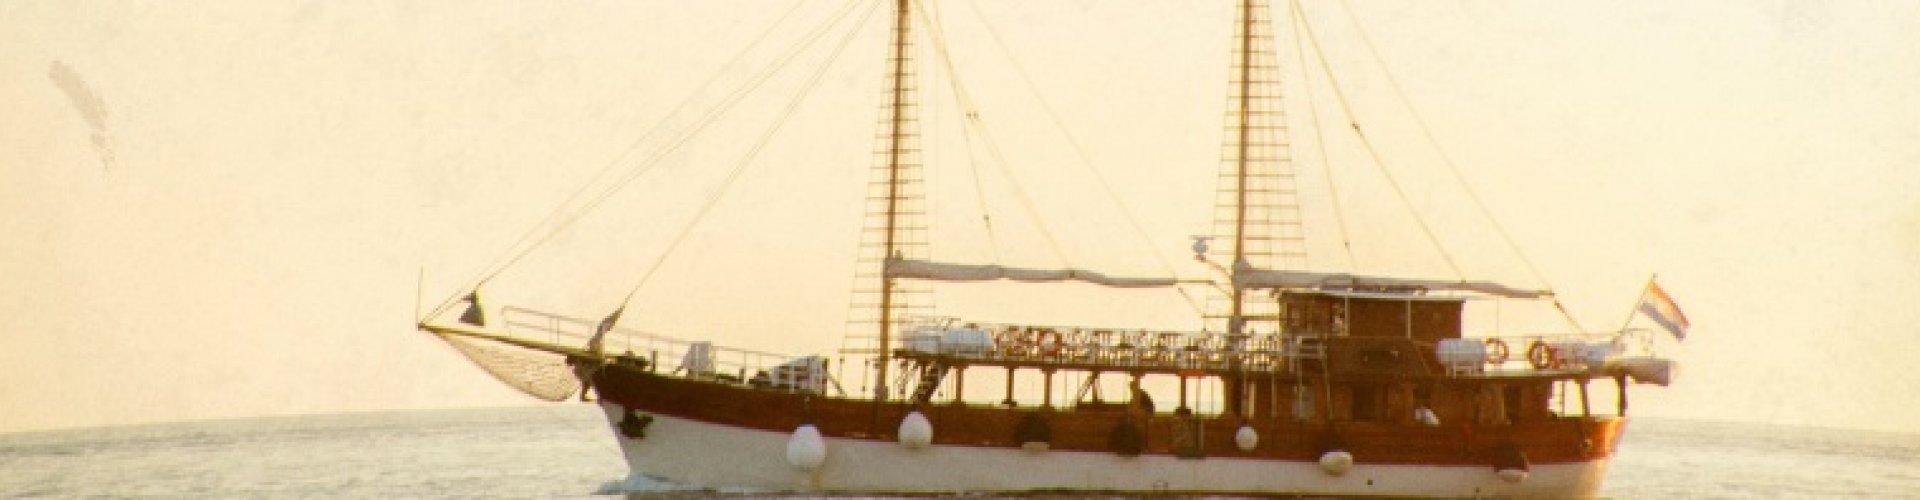 Mit dem Piraten-Segelschiff zur Flamingoinsel